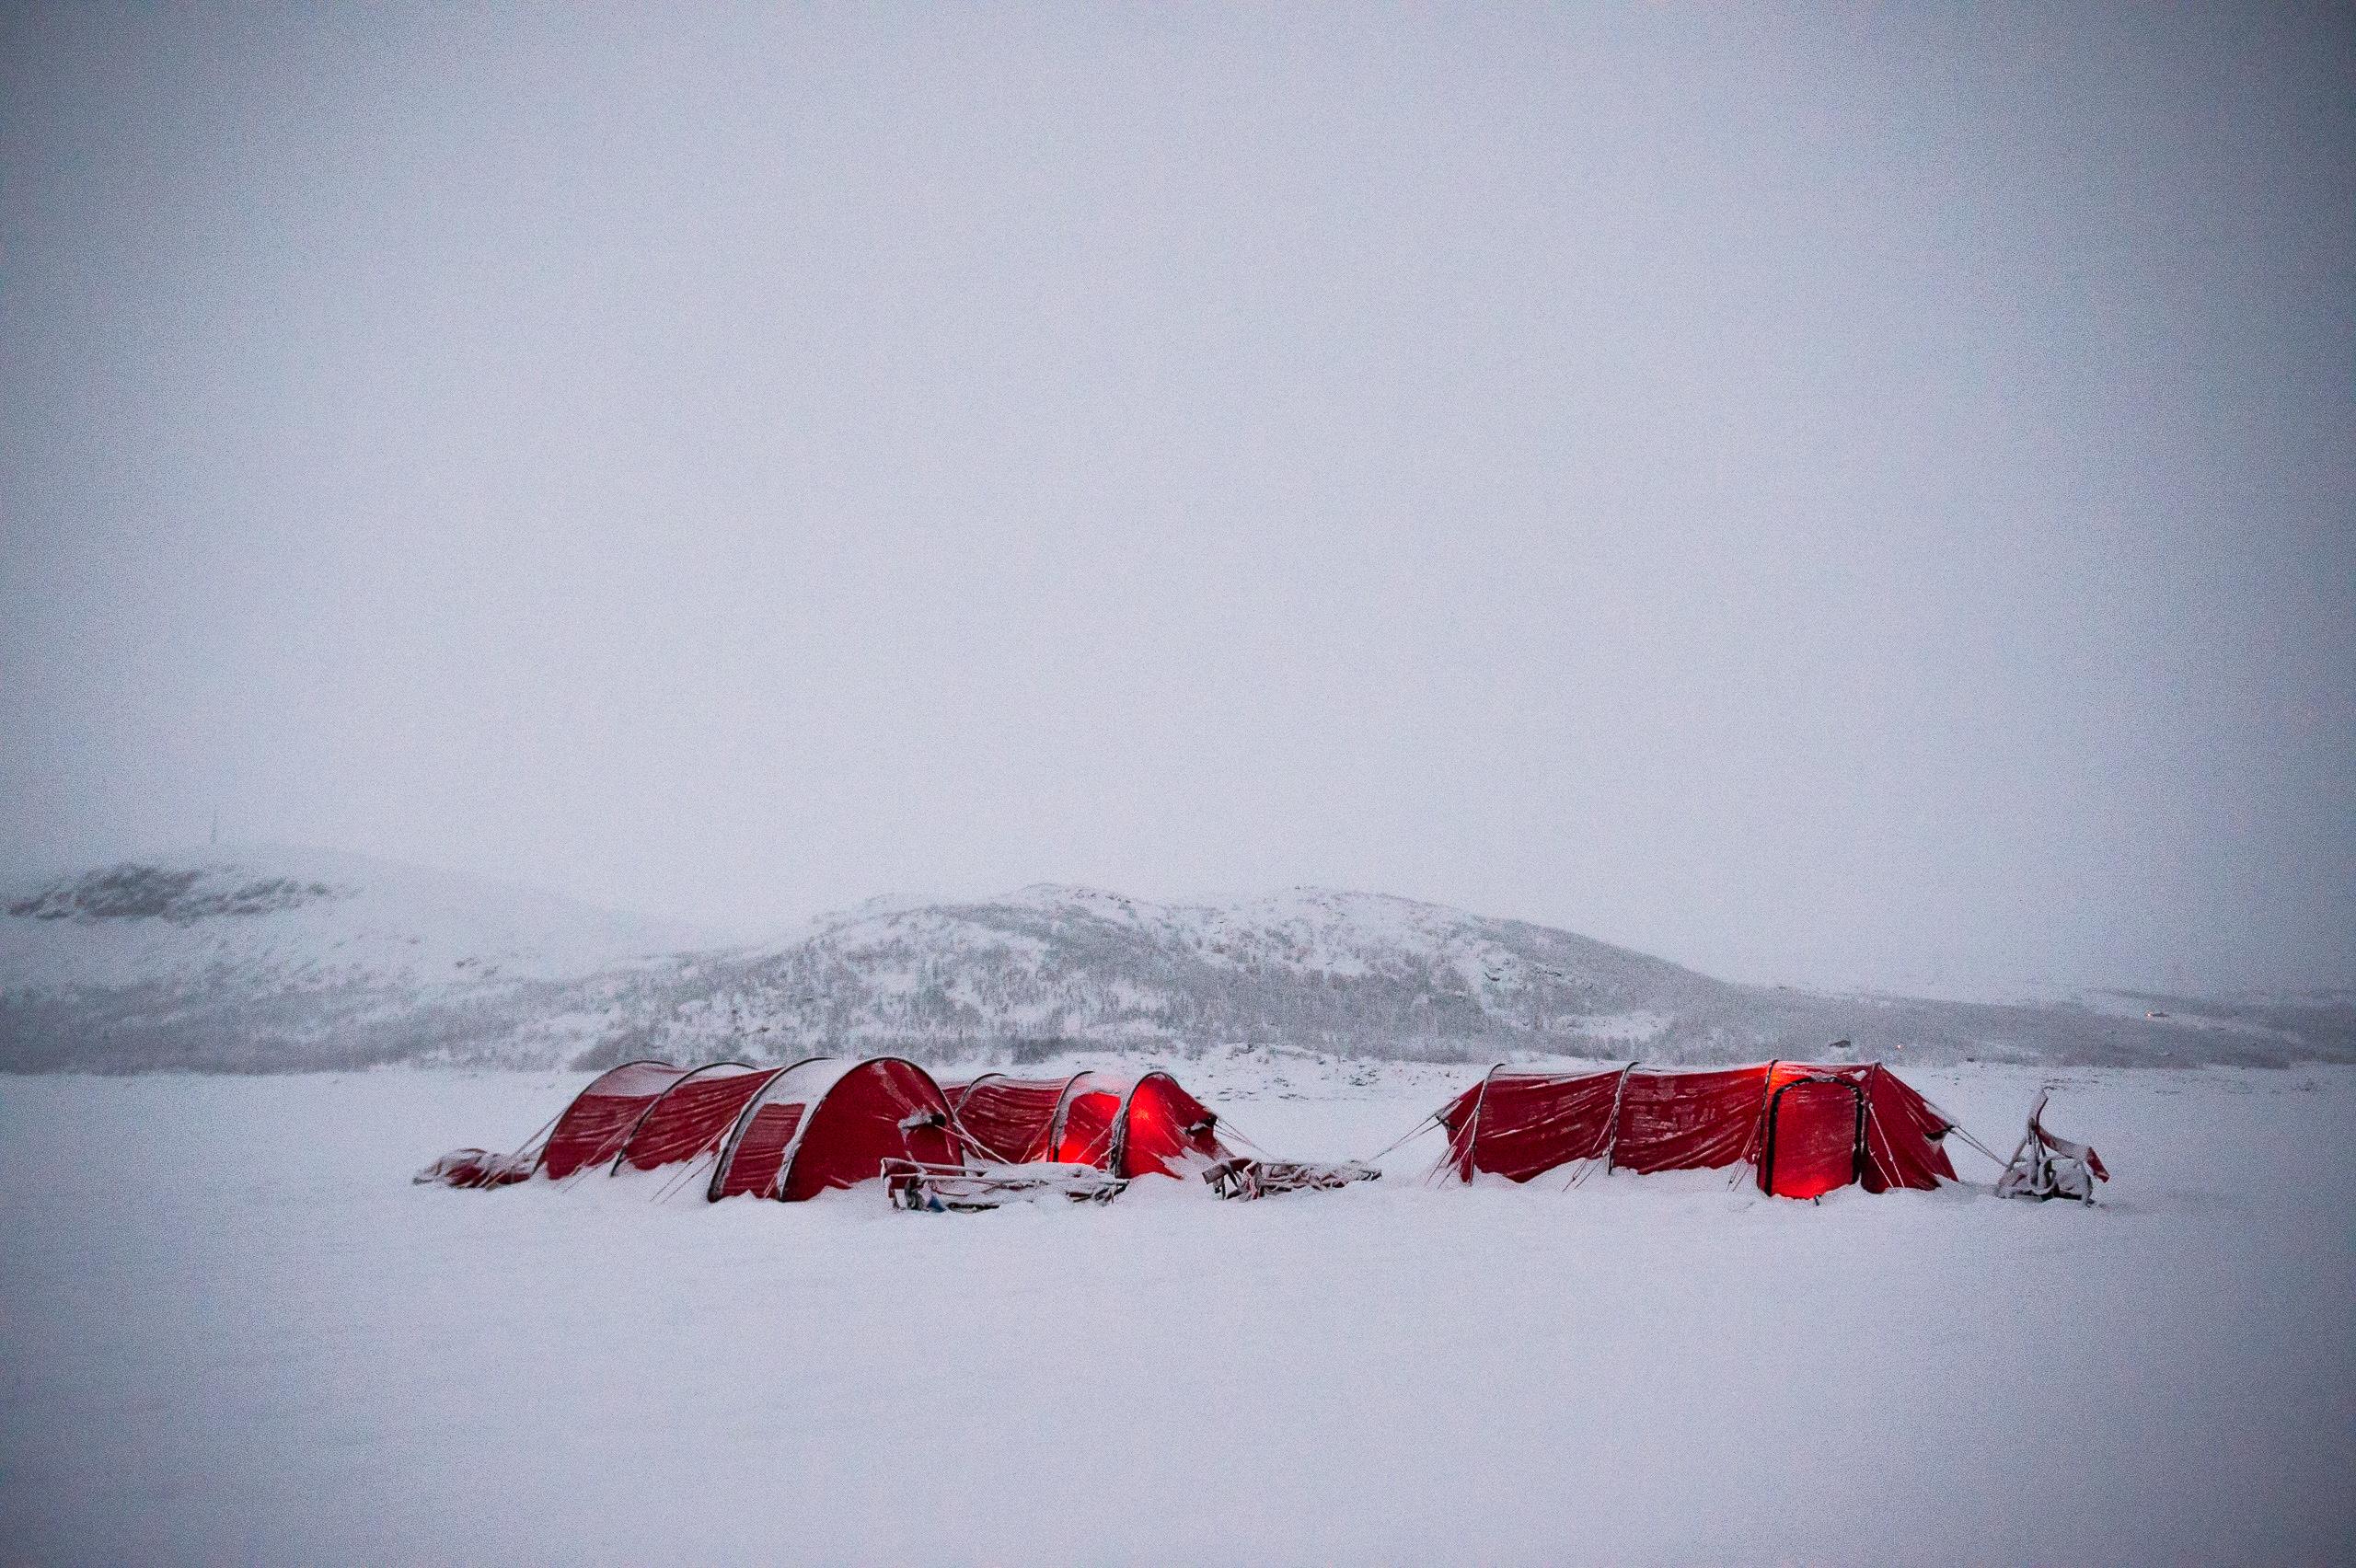 Ex Ice Maiden Tents